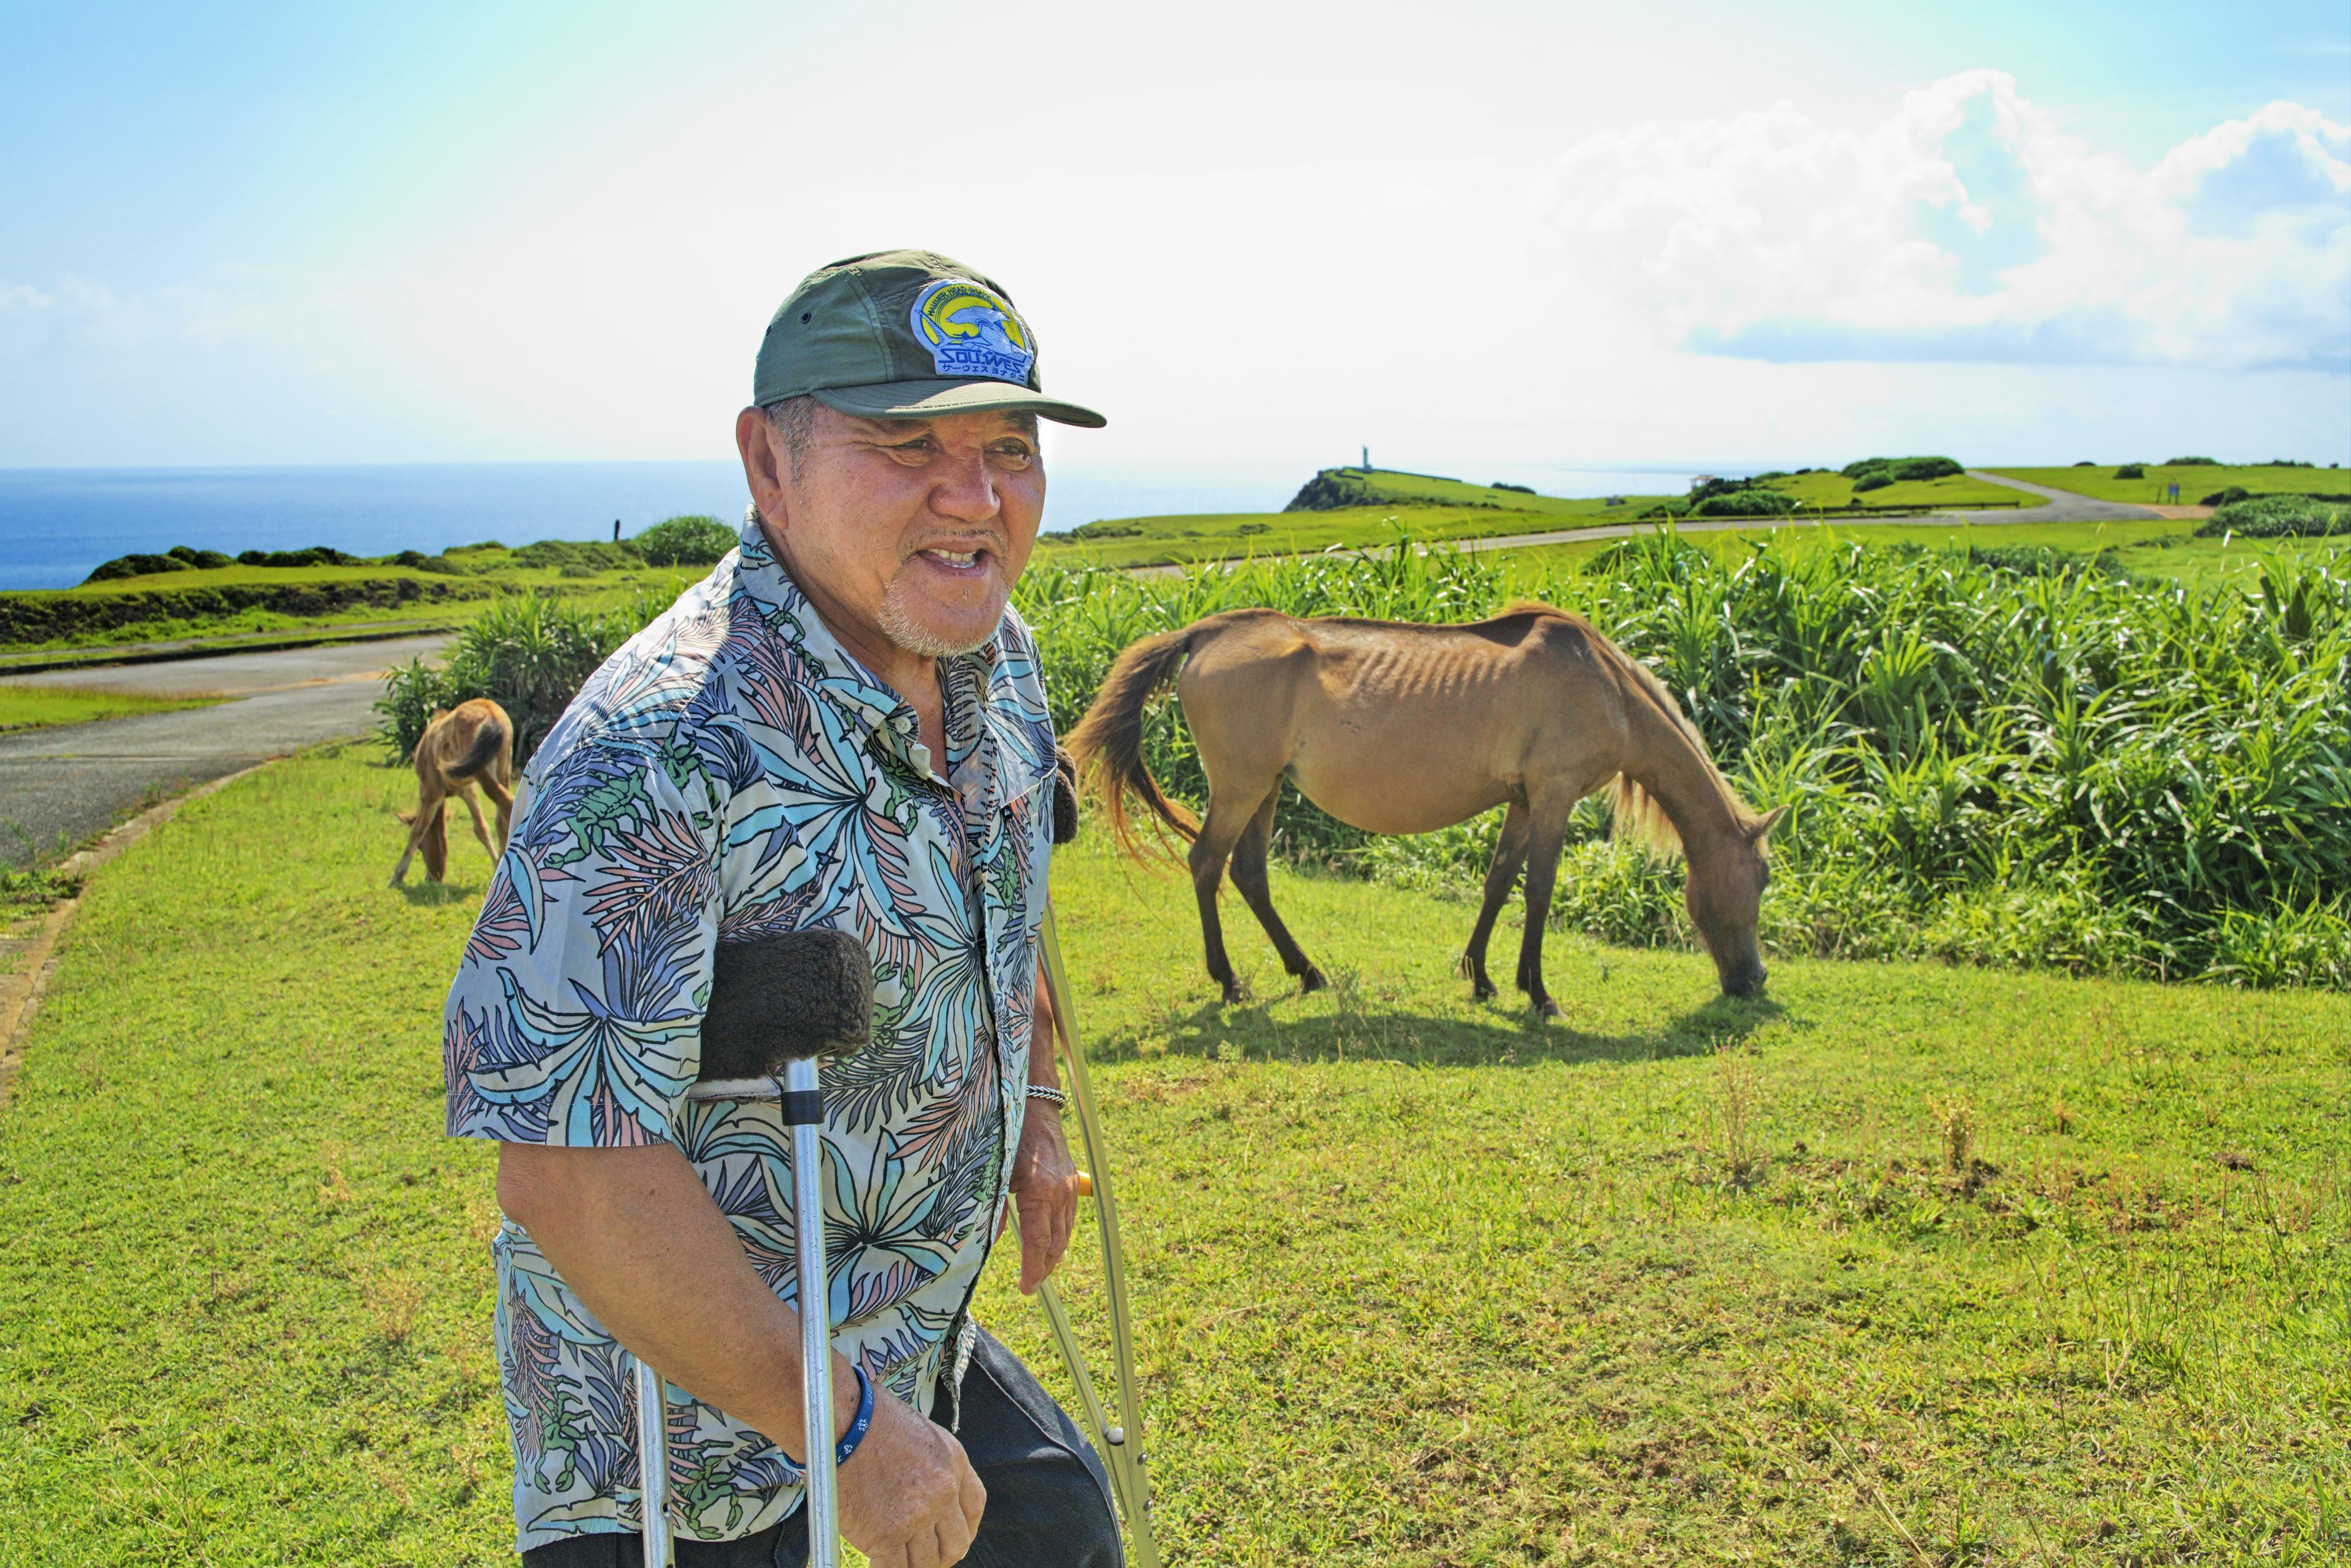 島を案内する新嵩喜八郎。丘の上では日本在来馬の一種である与那国馬が草を食べていた=沖縄県与那国町